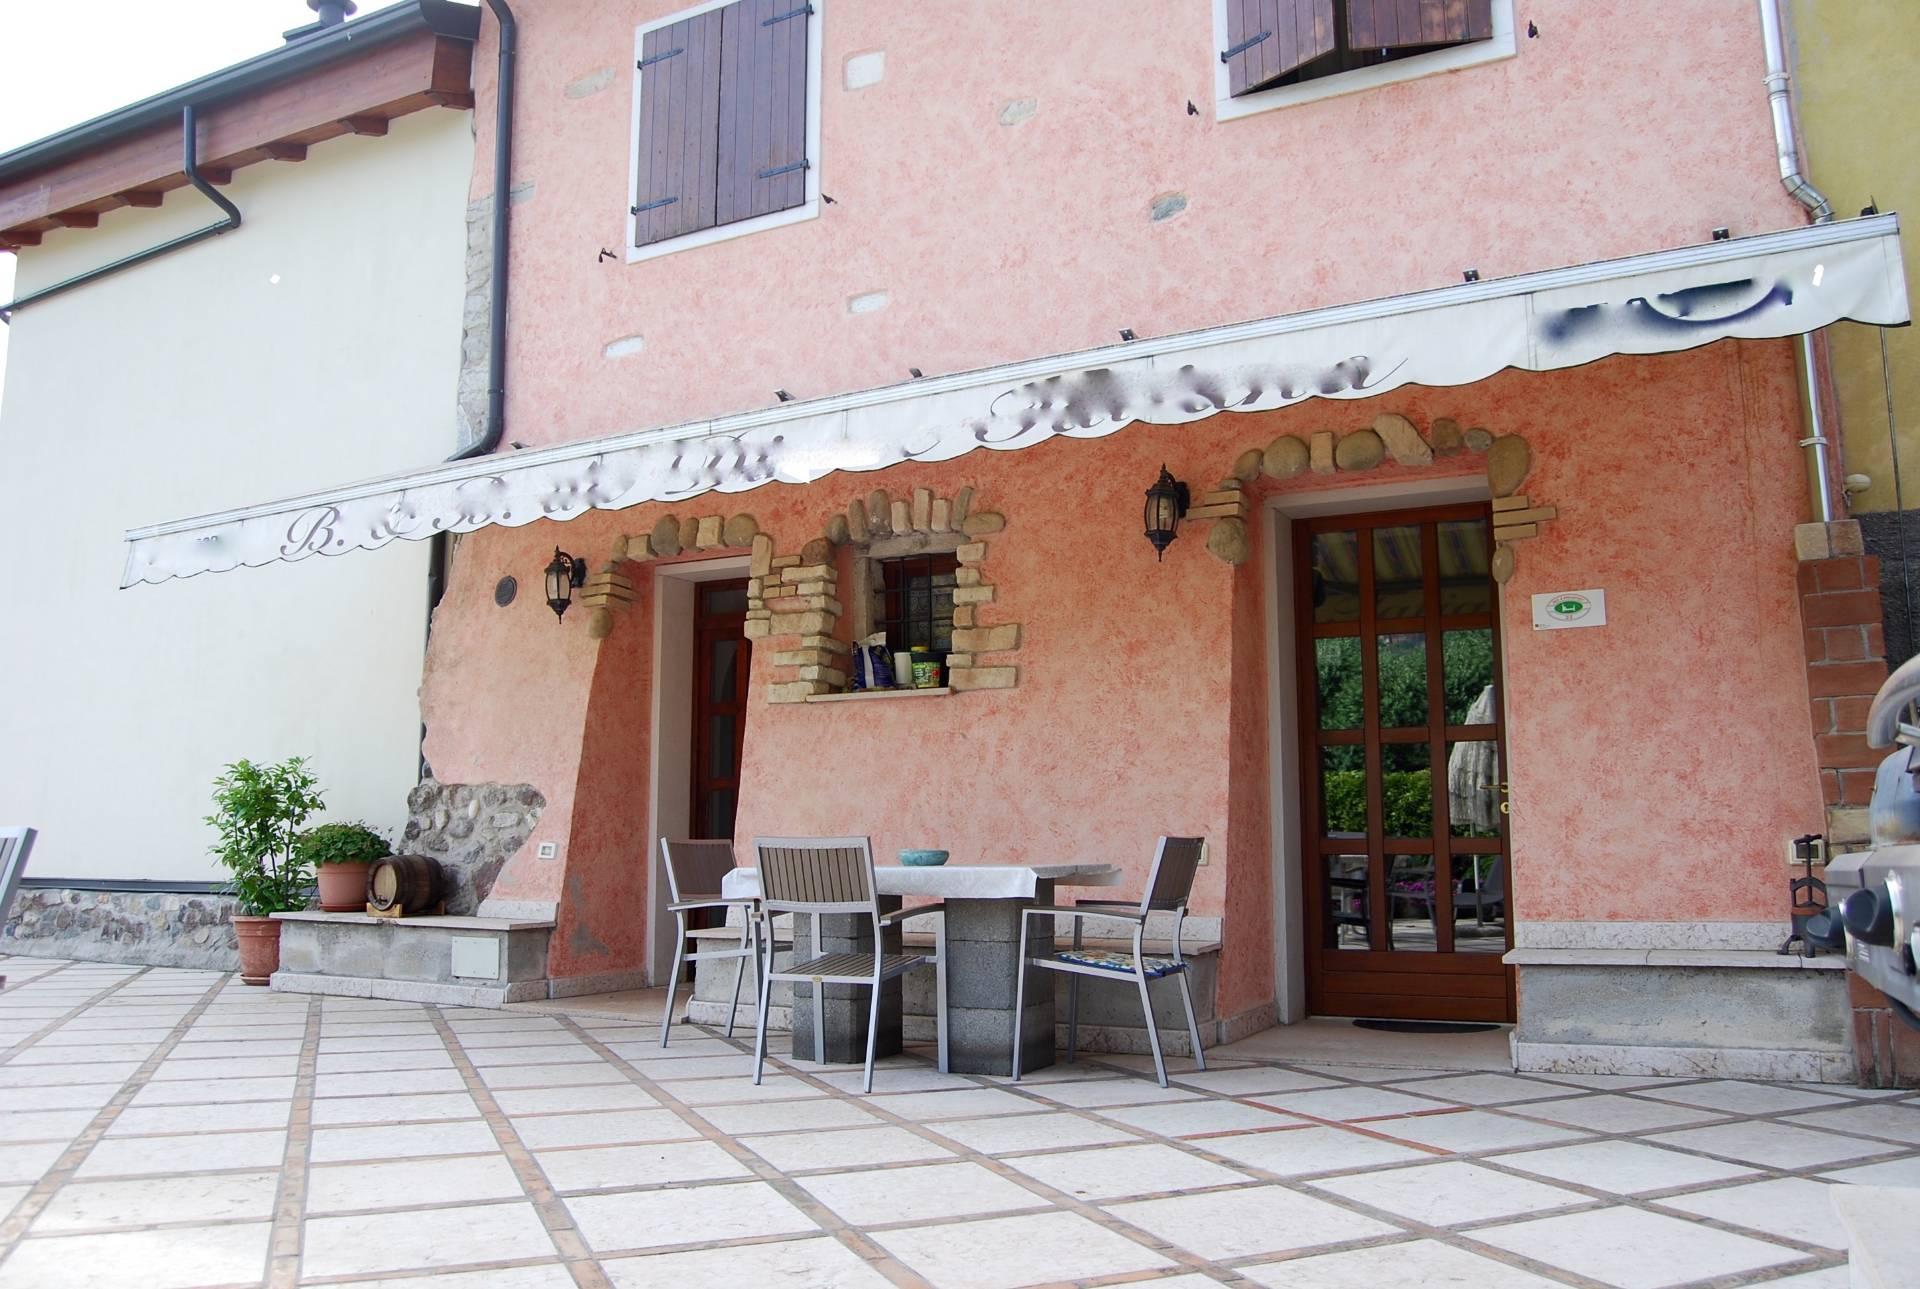 Rustico / Casale in vendita a Cavaion Veronese, 15 locali, Trattative riservate | CambioCasa.it